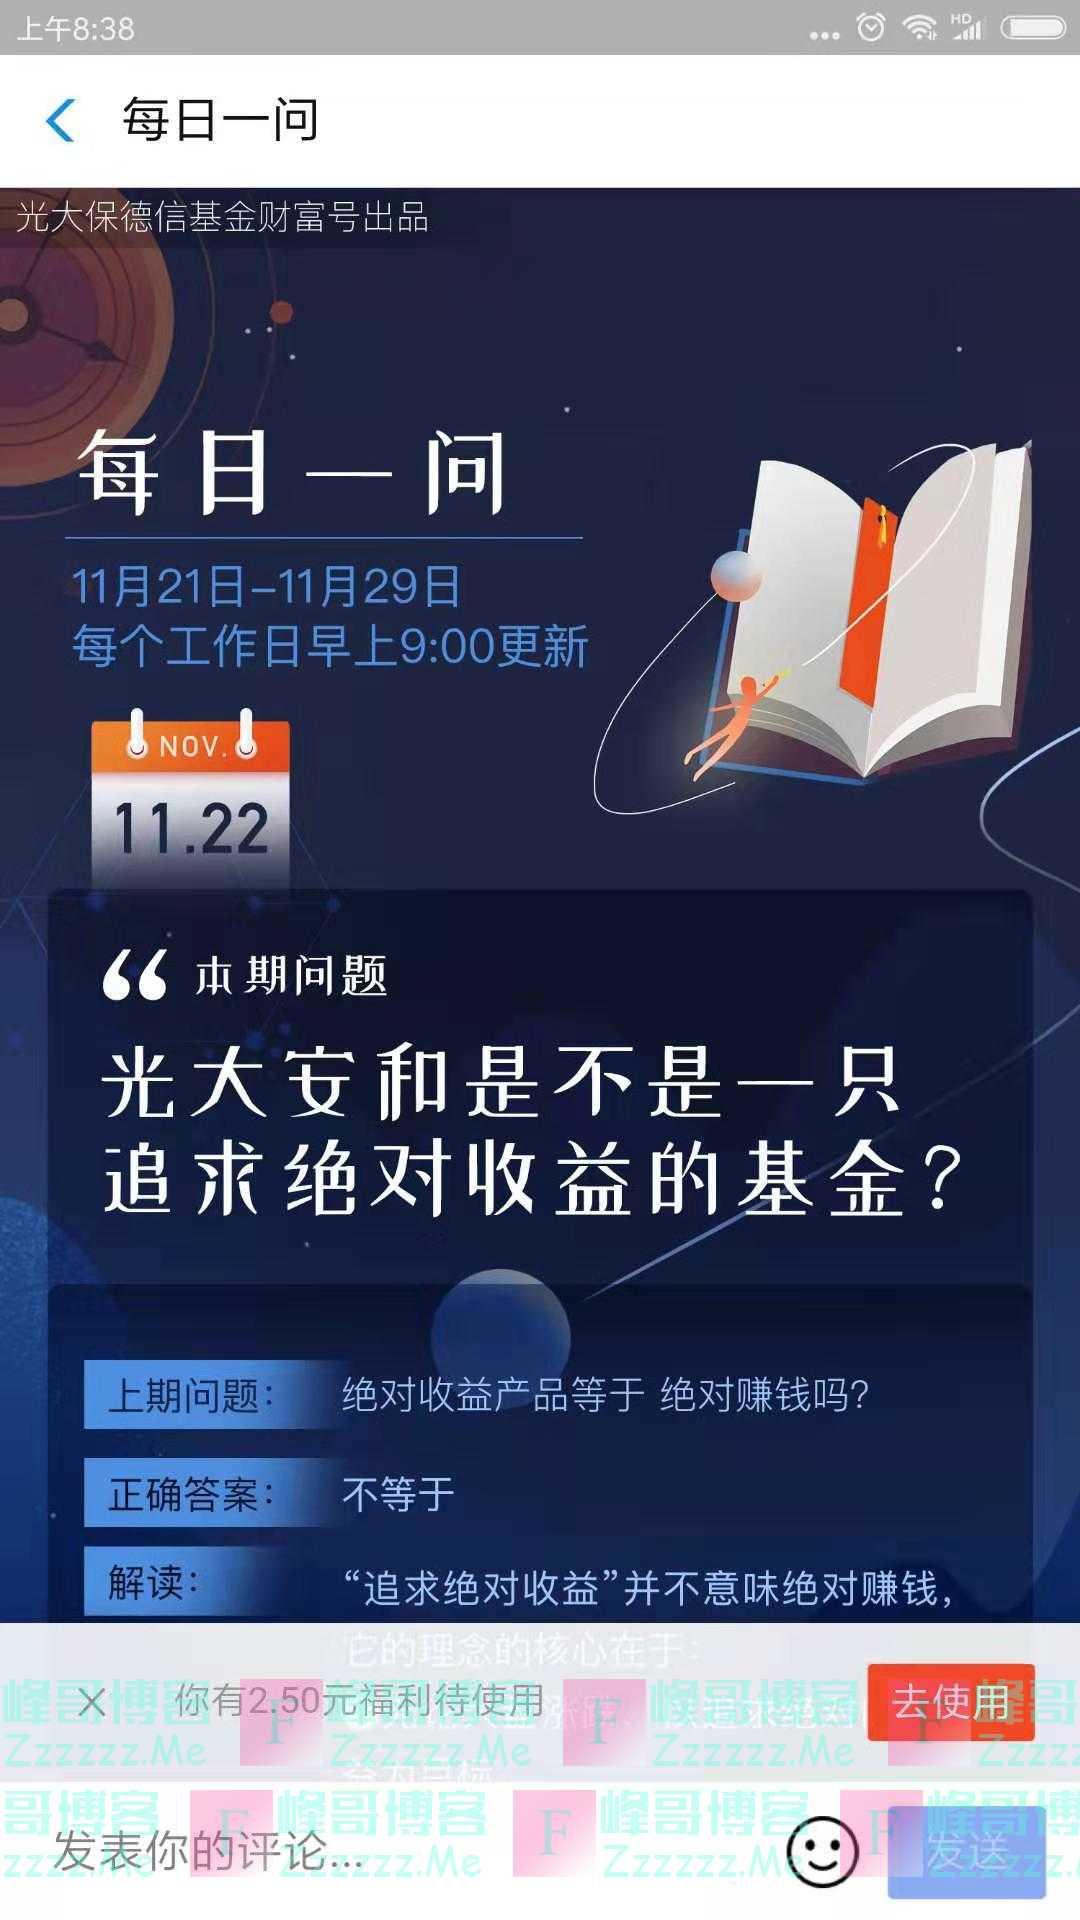 光大保德信基金每日一问抽锦鲤红包(截止11月29日)